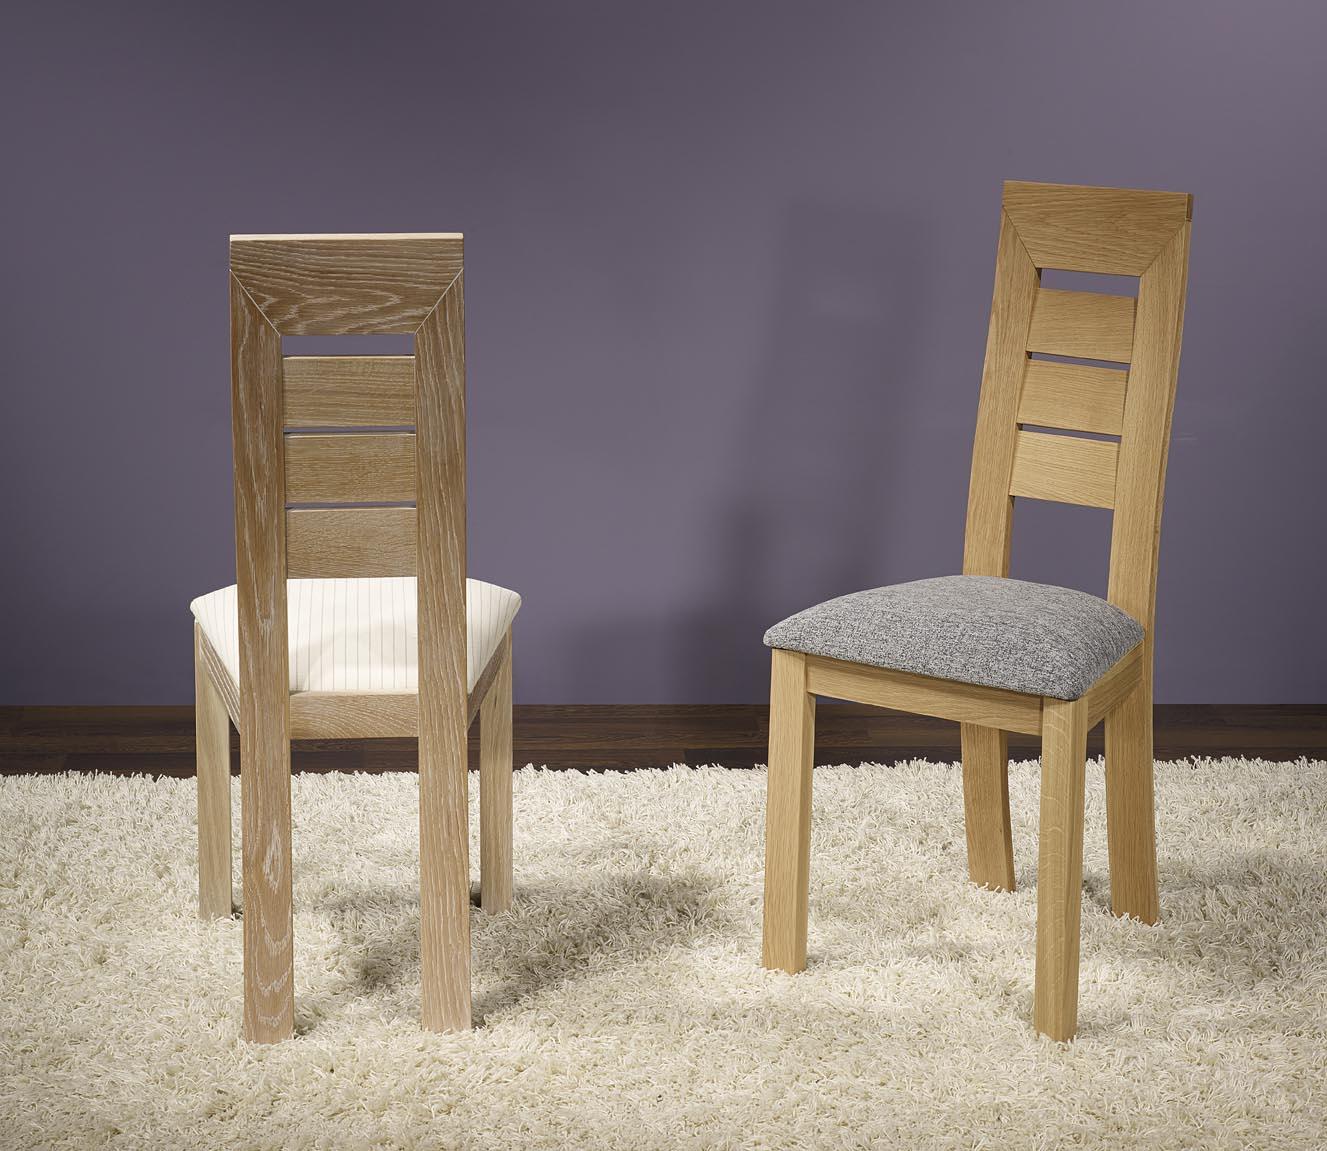 meuble en chêne Chaise Mathis réalisé en Chêne Massif LIGNE